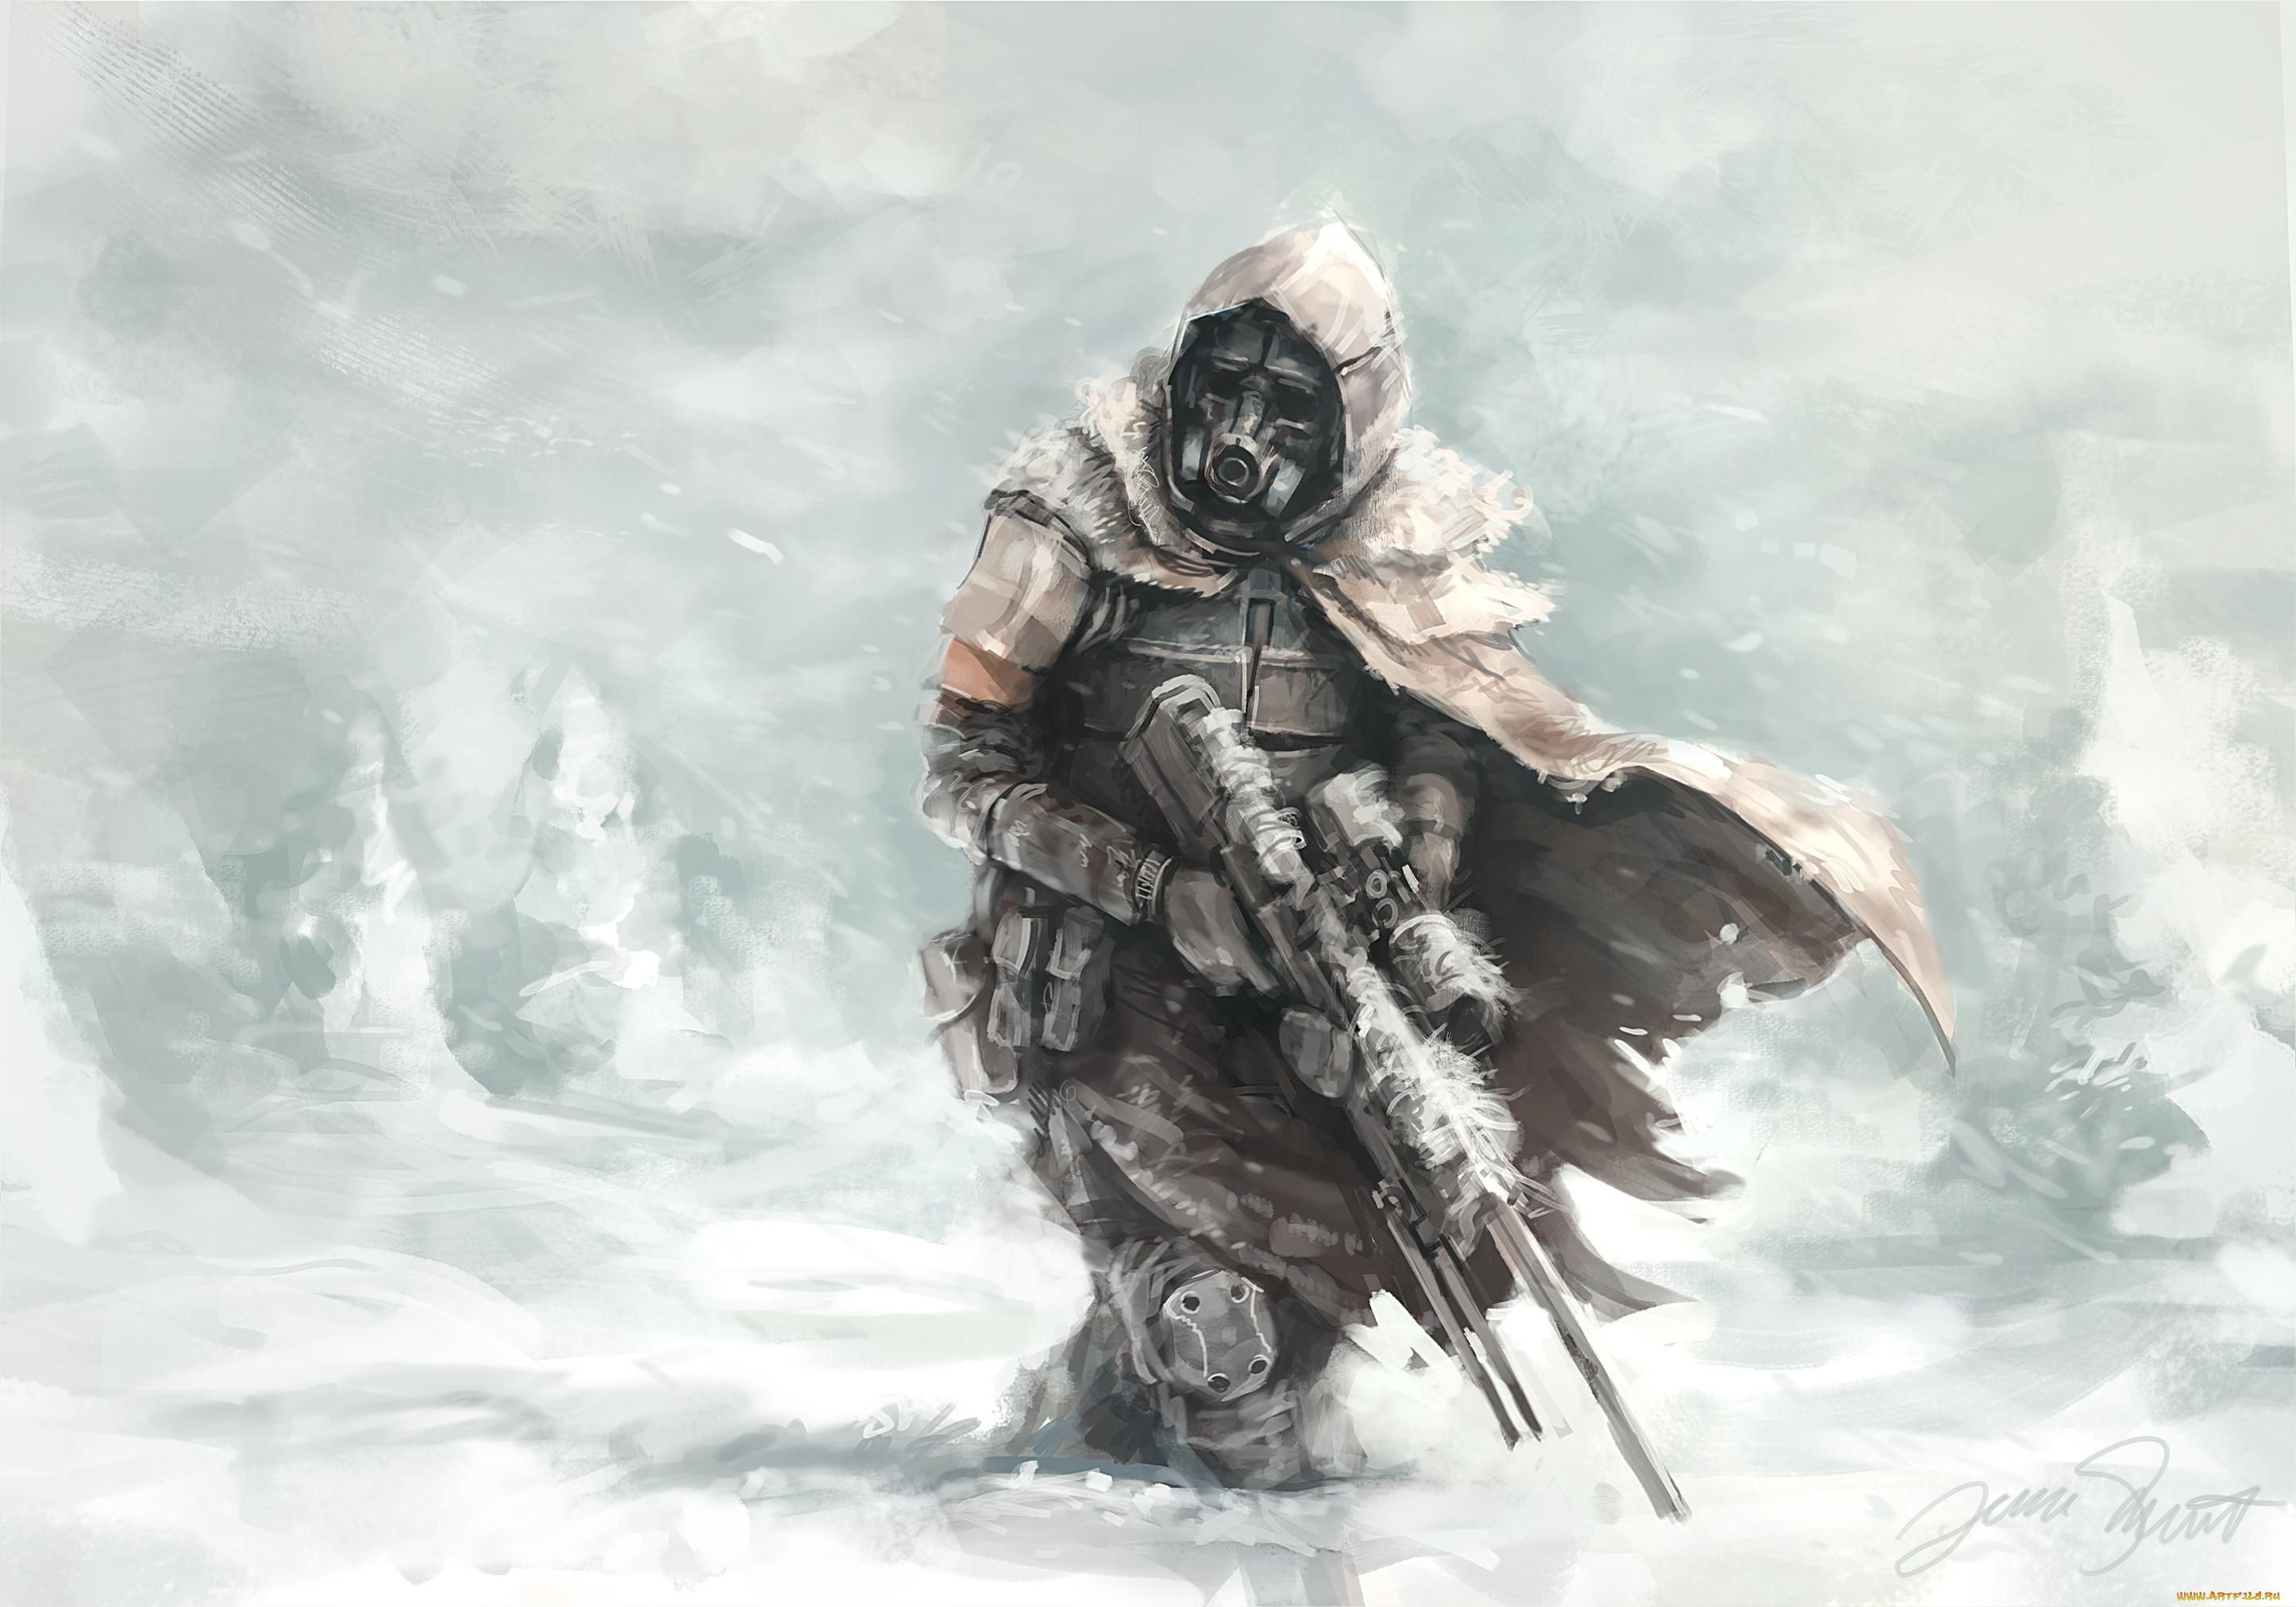 Anemone_Winter_death.jpg